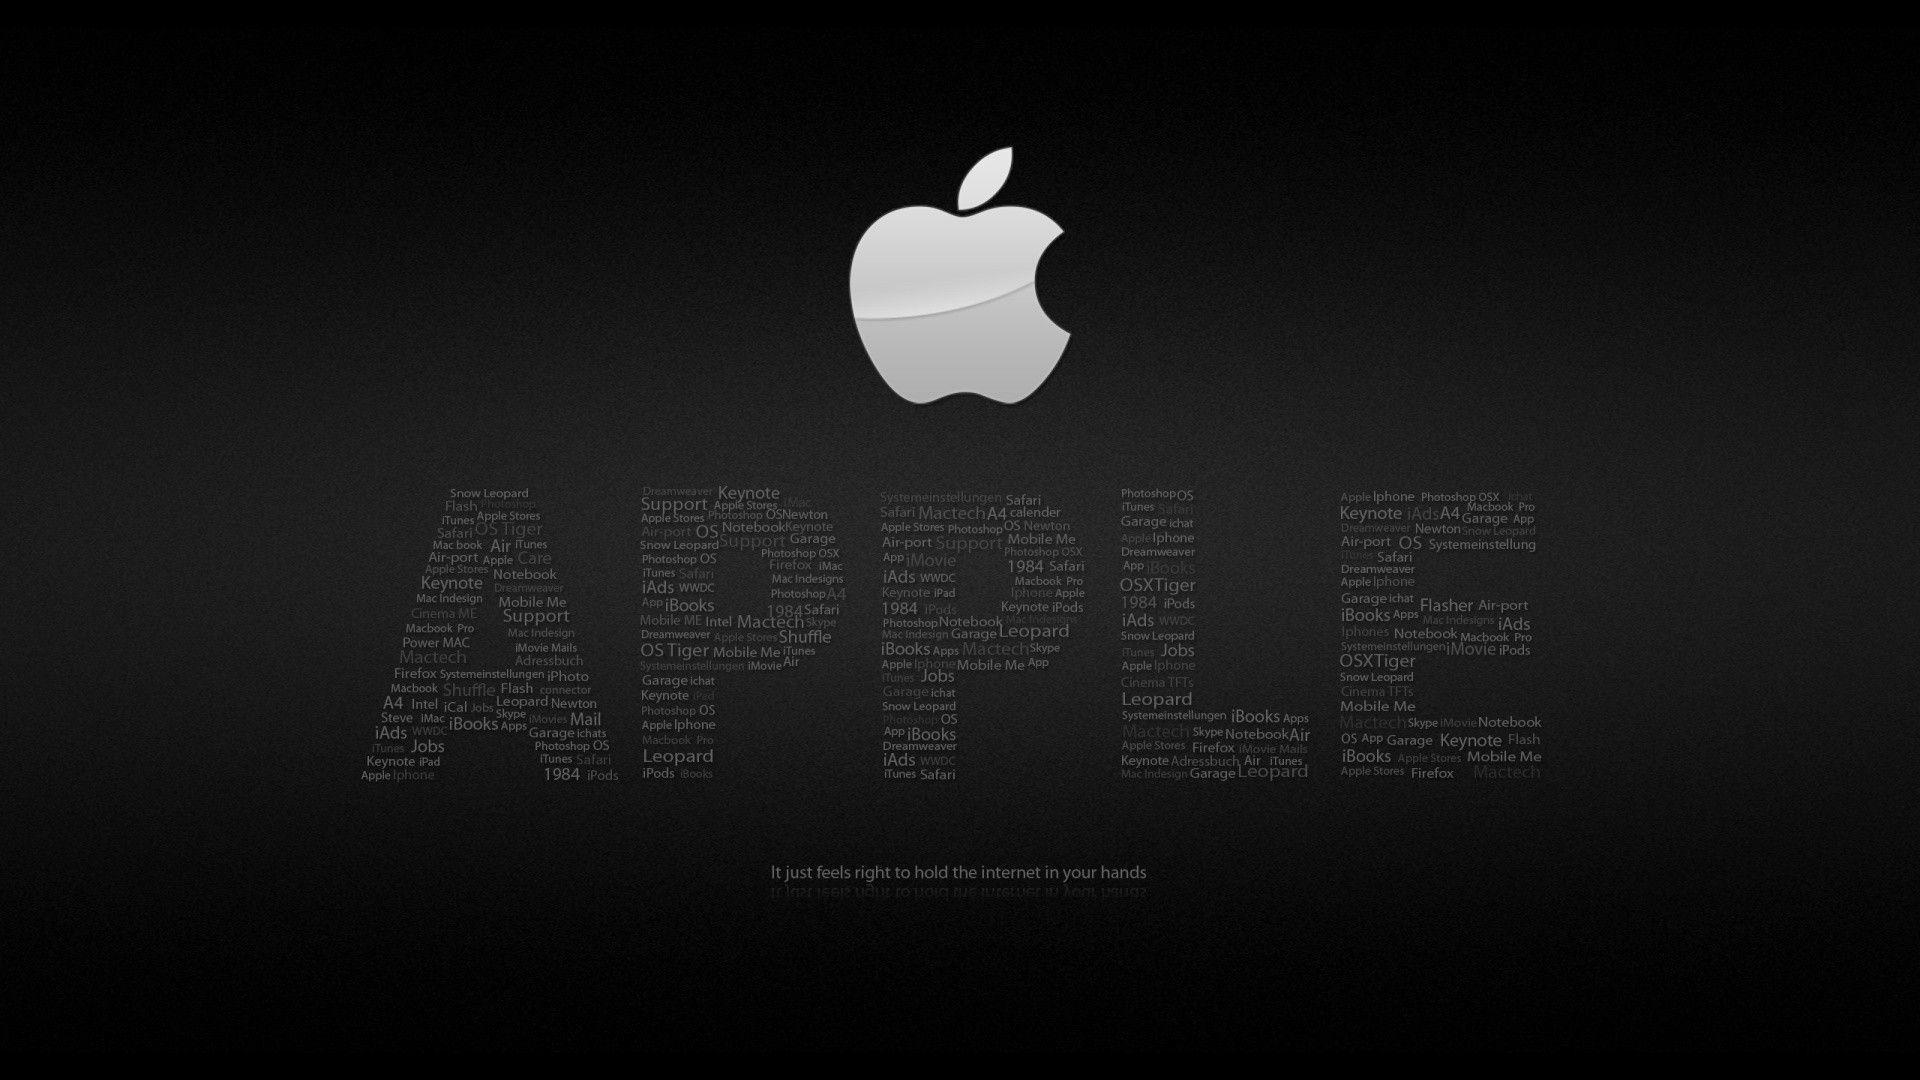 Apple Black HD wallpaper Â« HD Wallpapers